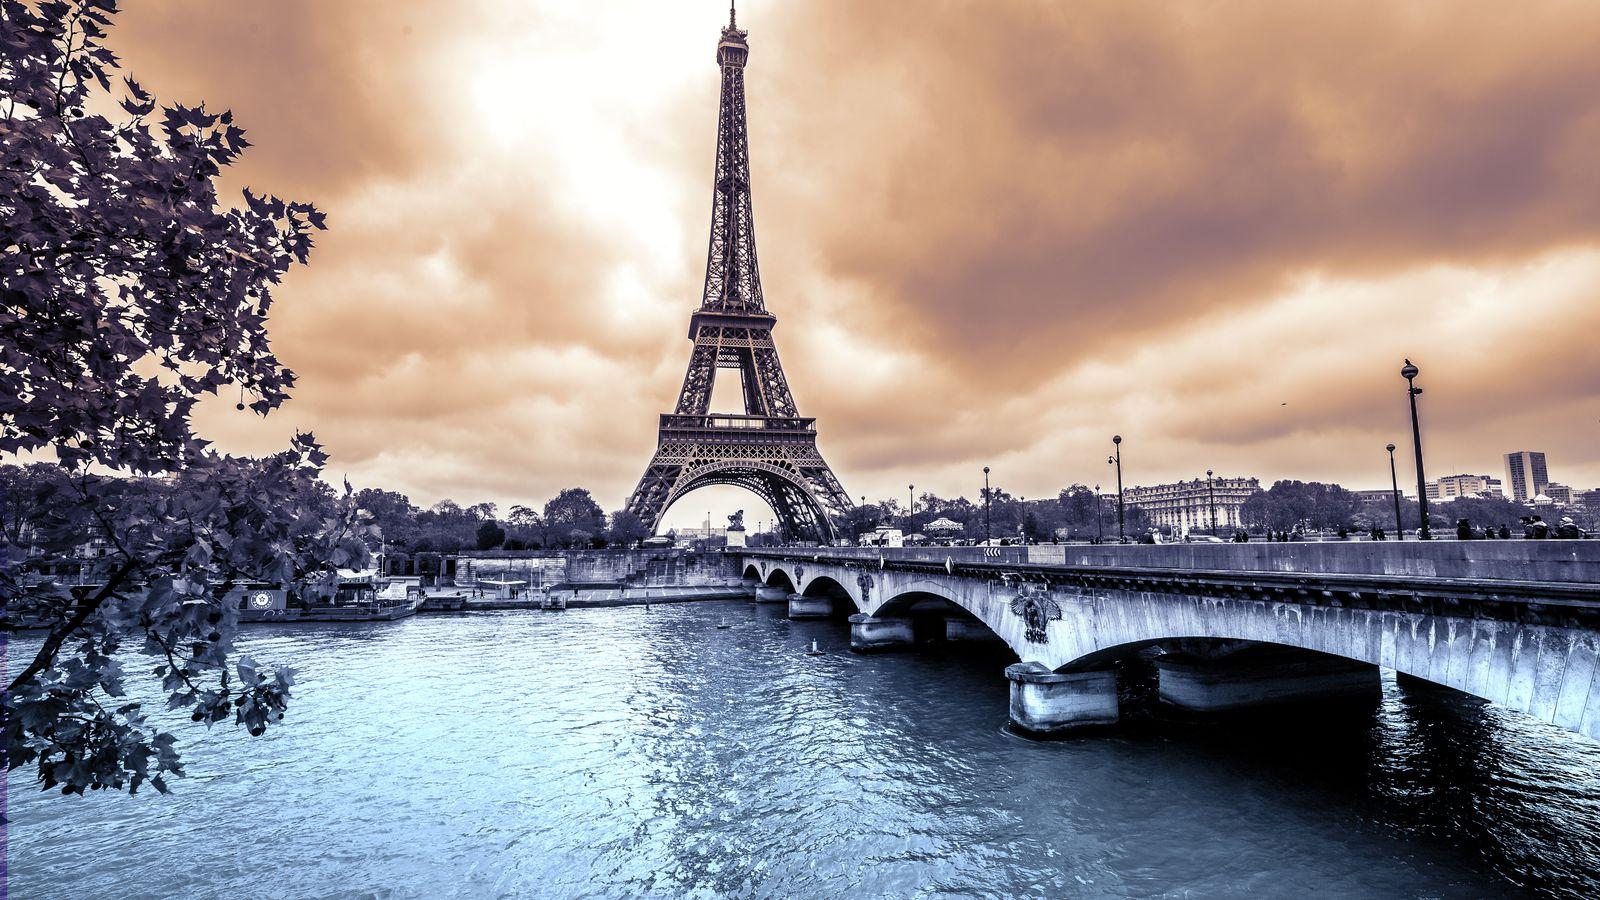 Картинка высокого разрешения для фотообоев париж